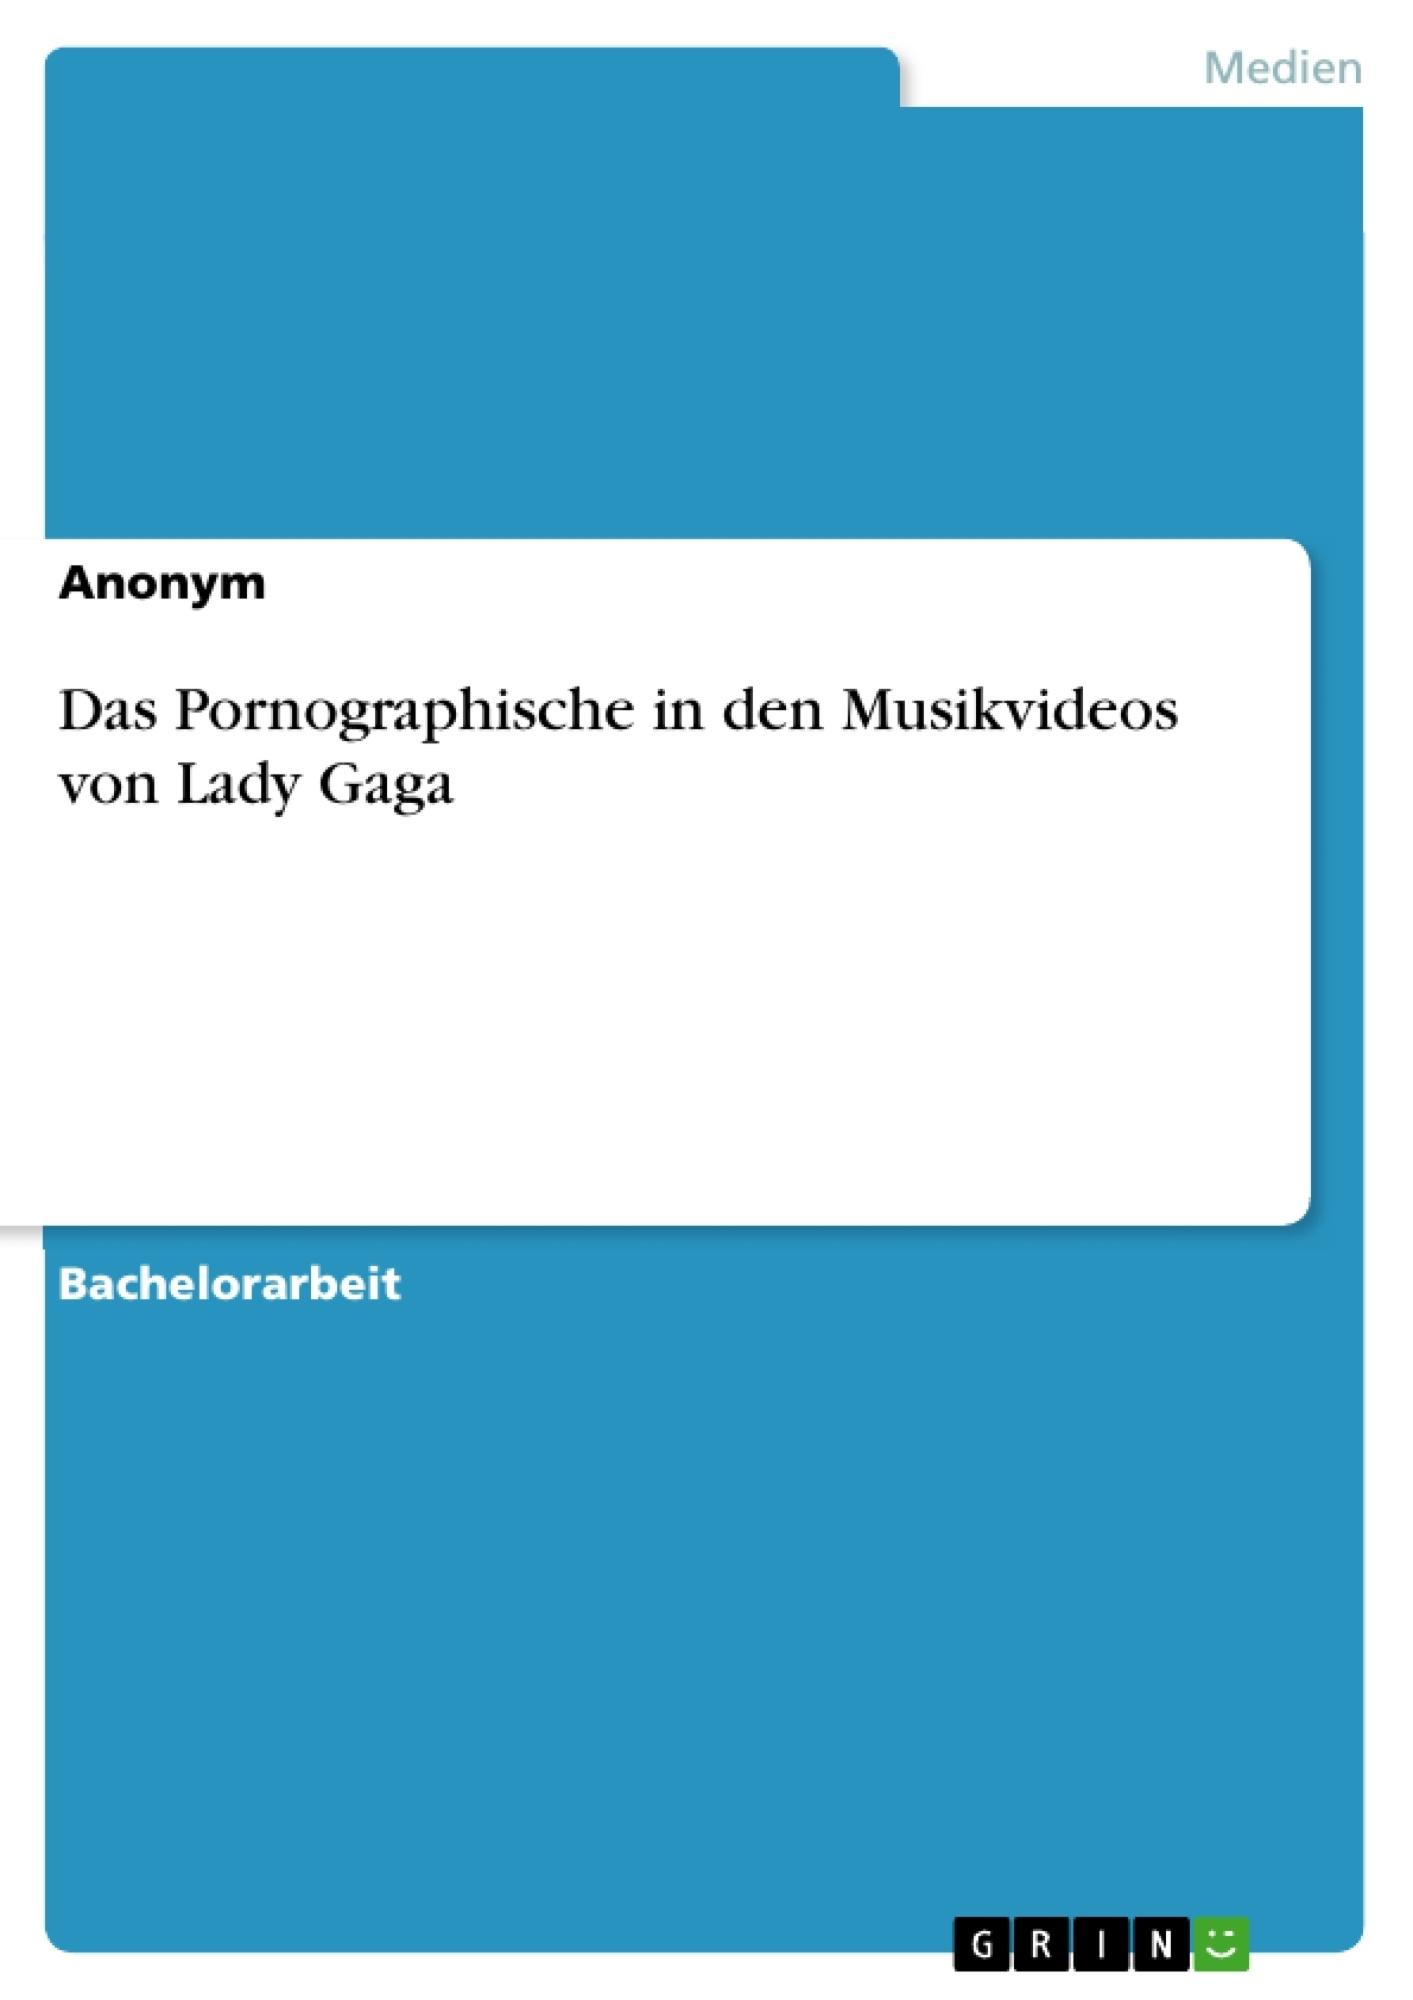 Titel: Das Pornographische in den Musikvideos von Lady Gaga